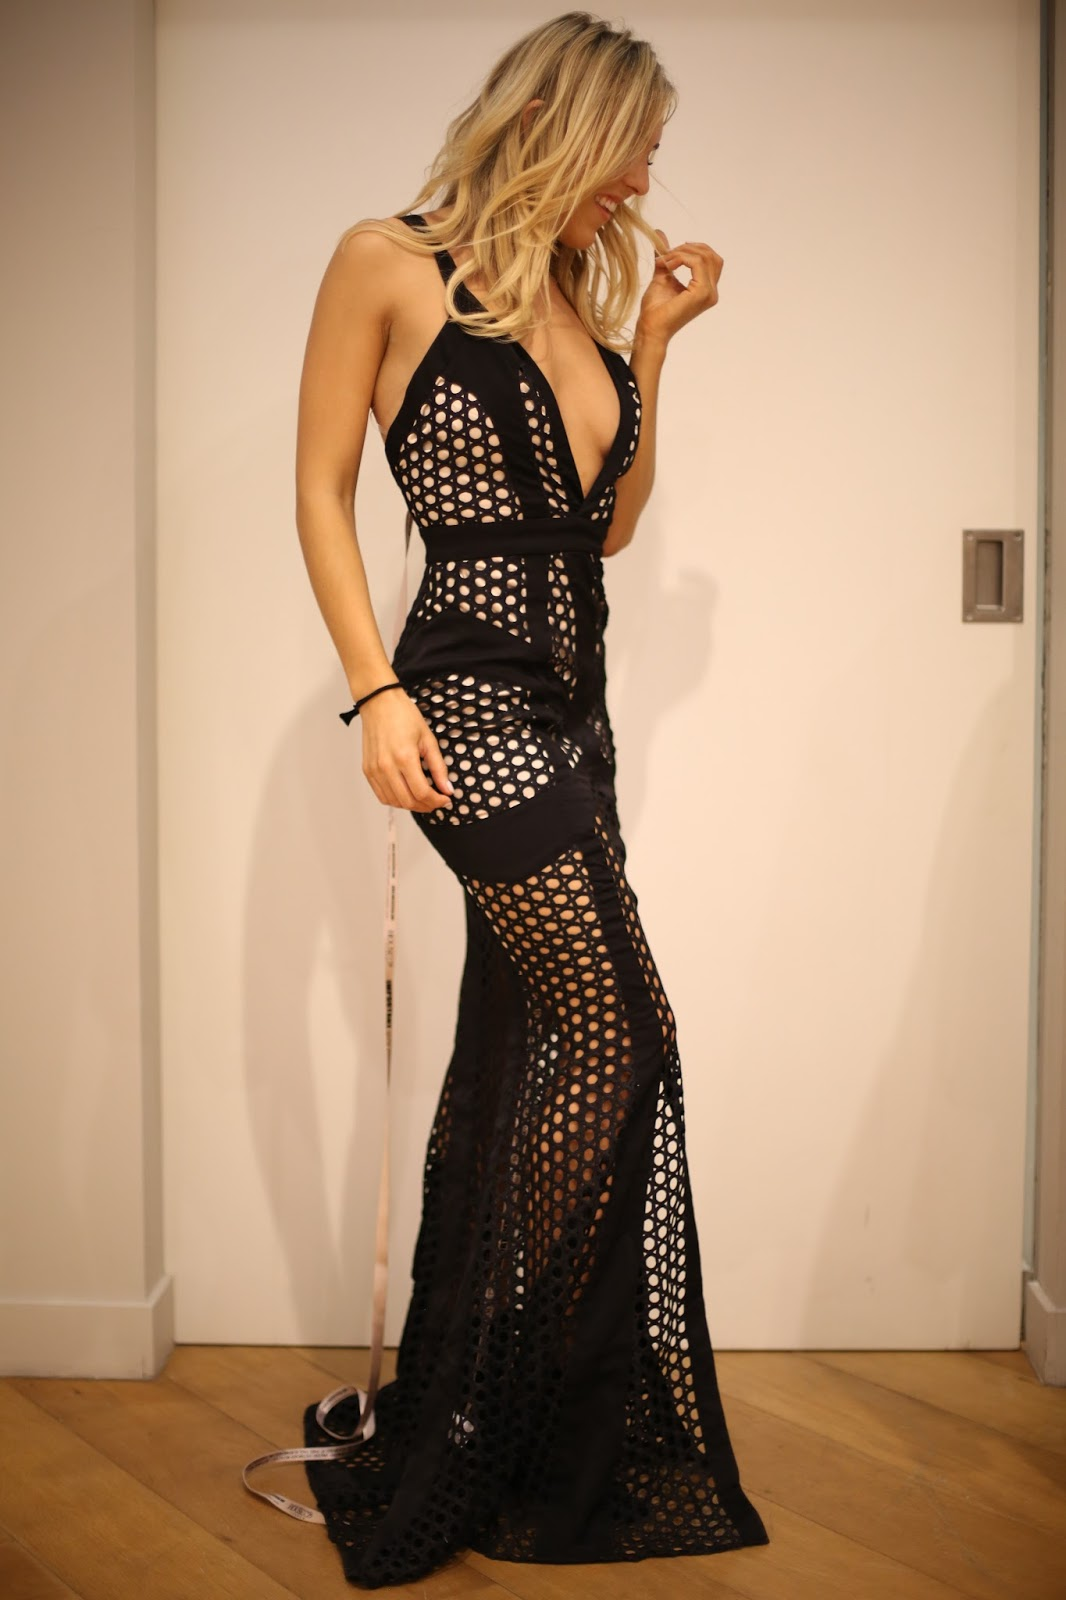 CHAPOU celeb boutique dress